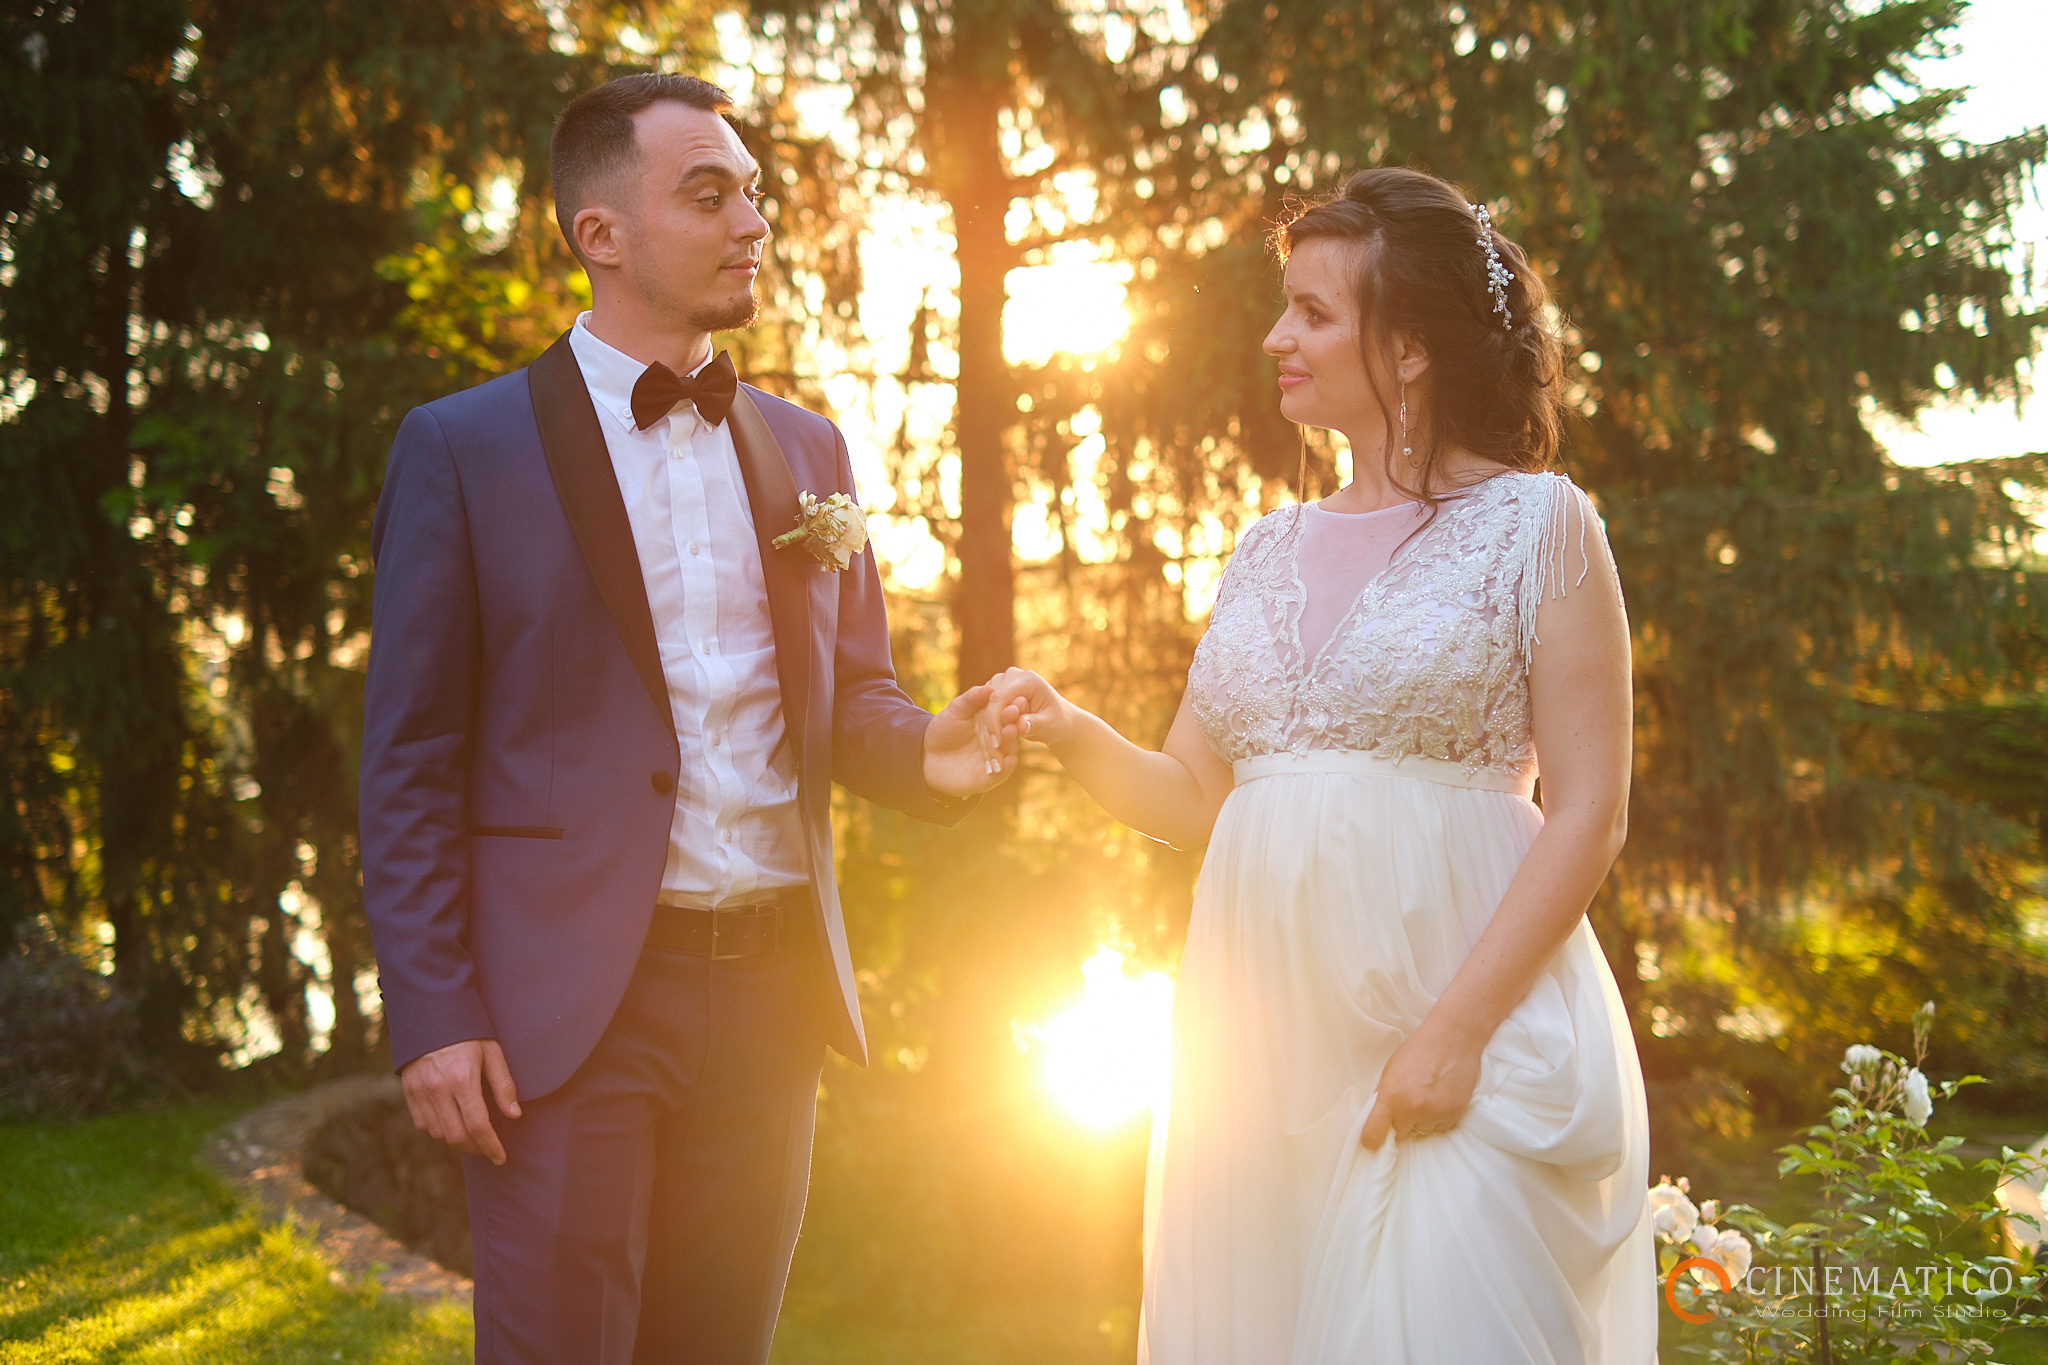 Cum sa stii exact numarul de invitati ca să nu ramai cu datorii dupa nunta